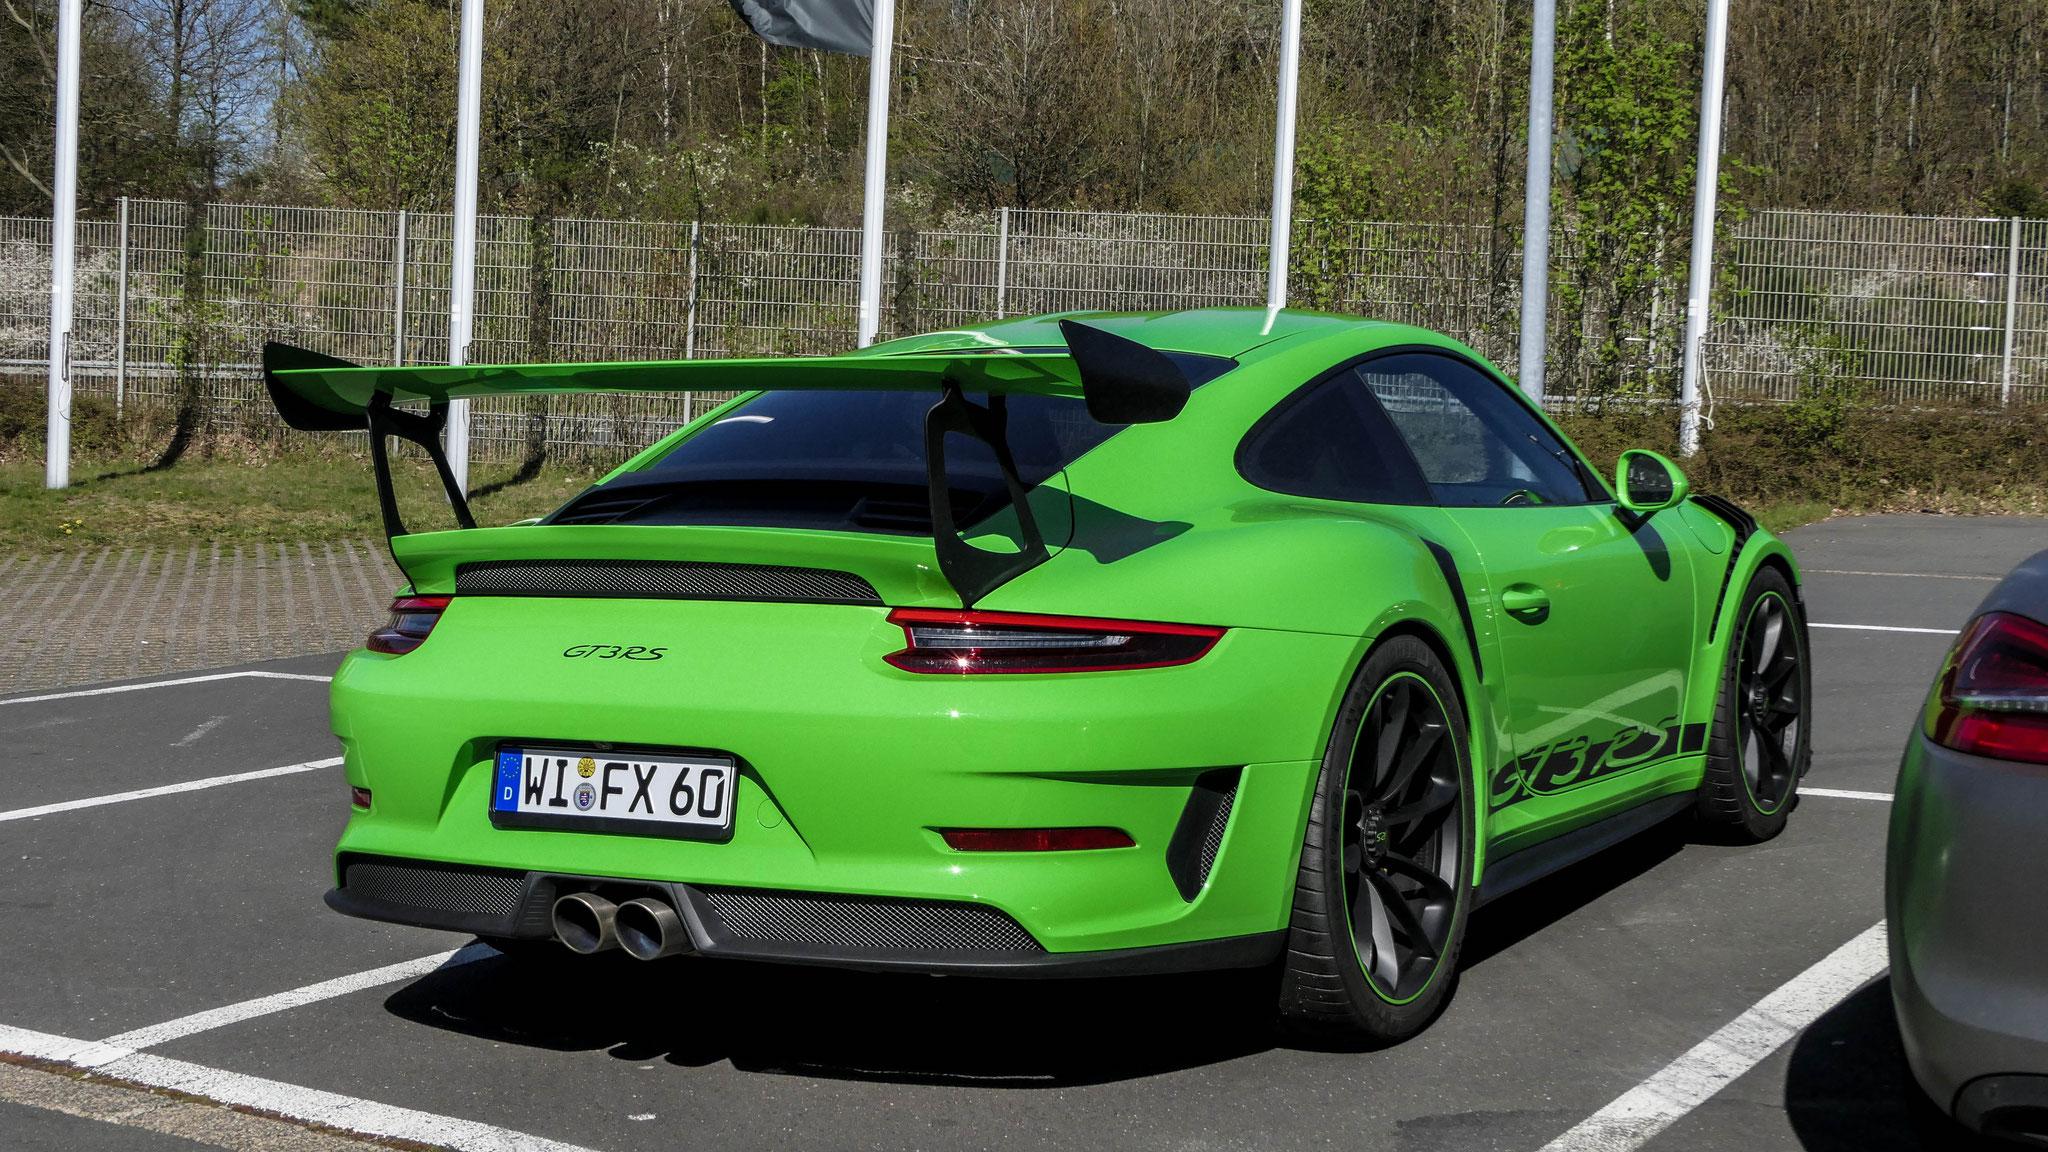 Porsche 911 991.2 GT3 RS - WI-FX-60